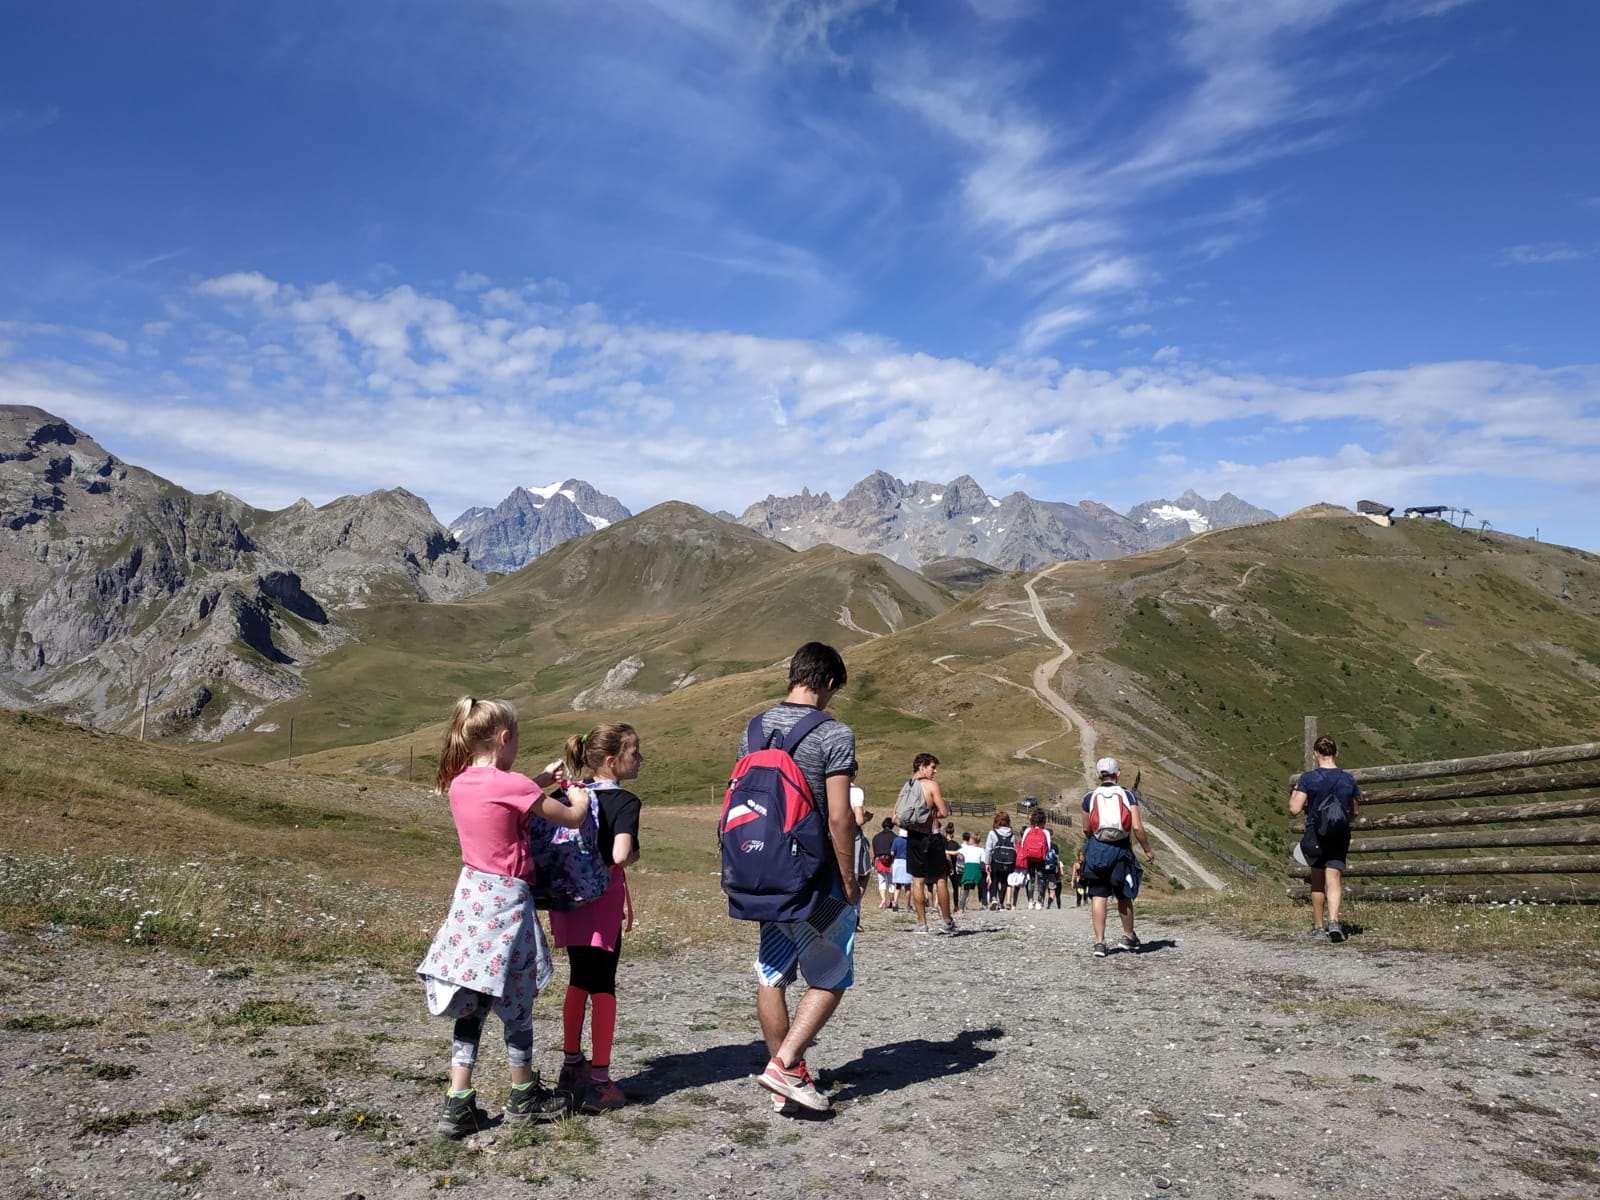 Pendant ce temps là, quelque part, dans les Alpes…